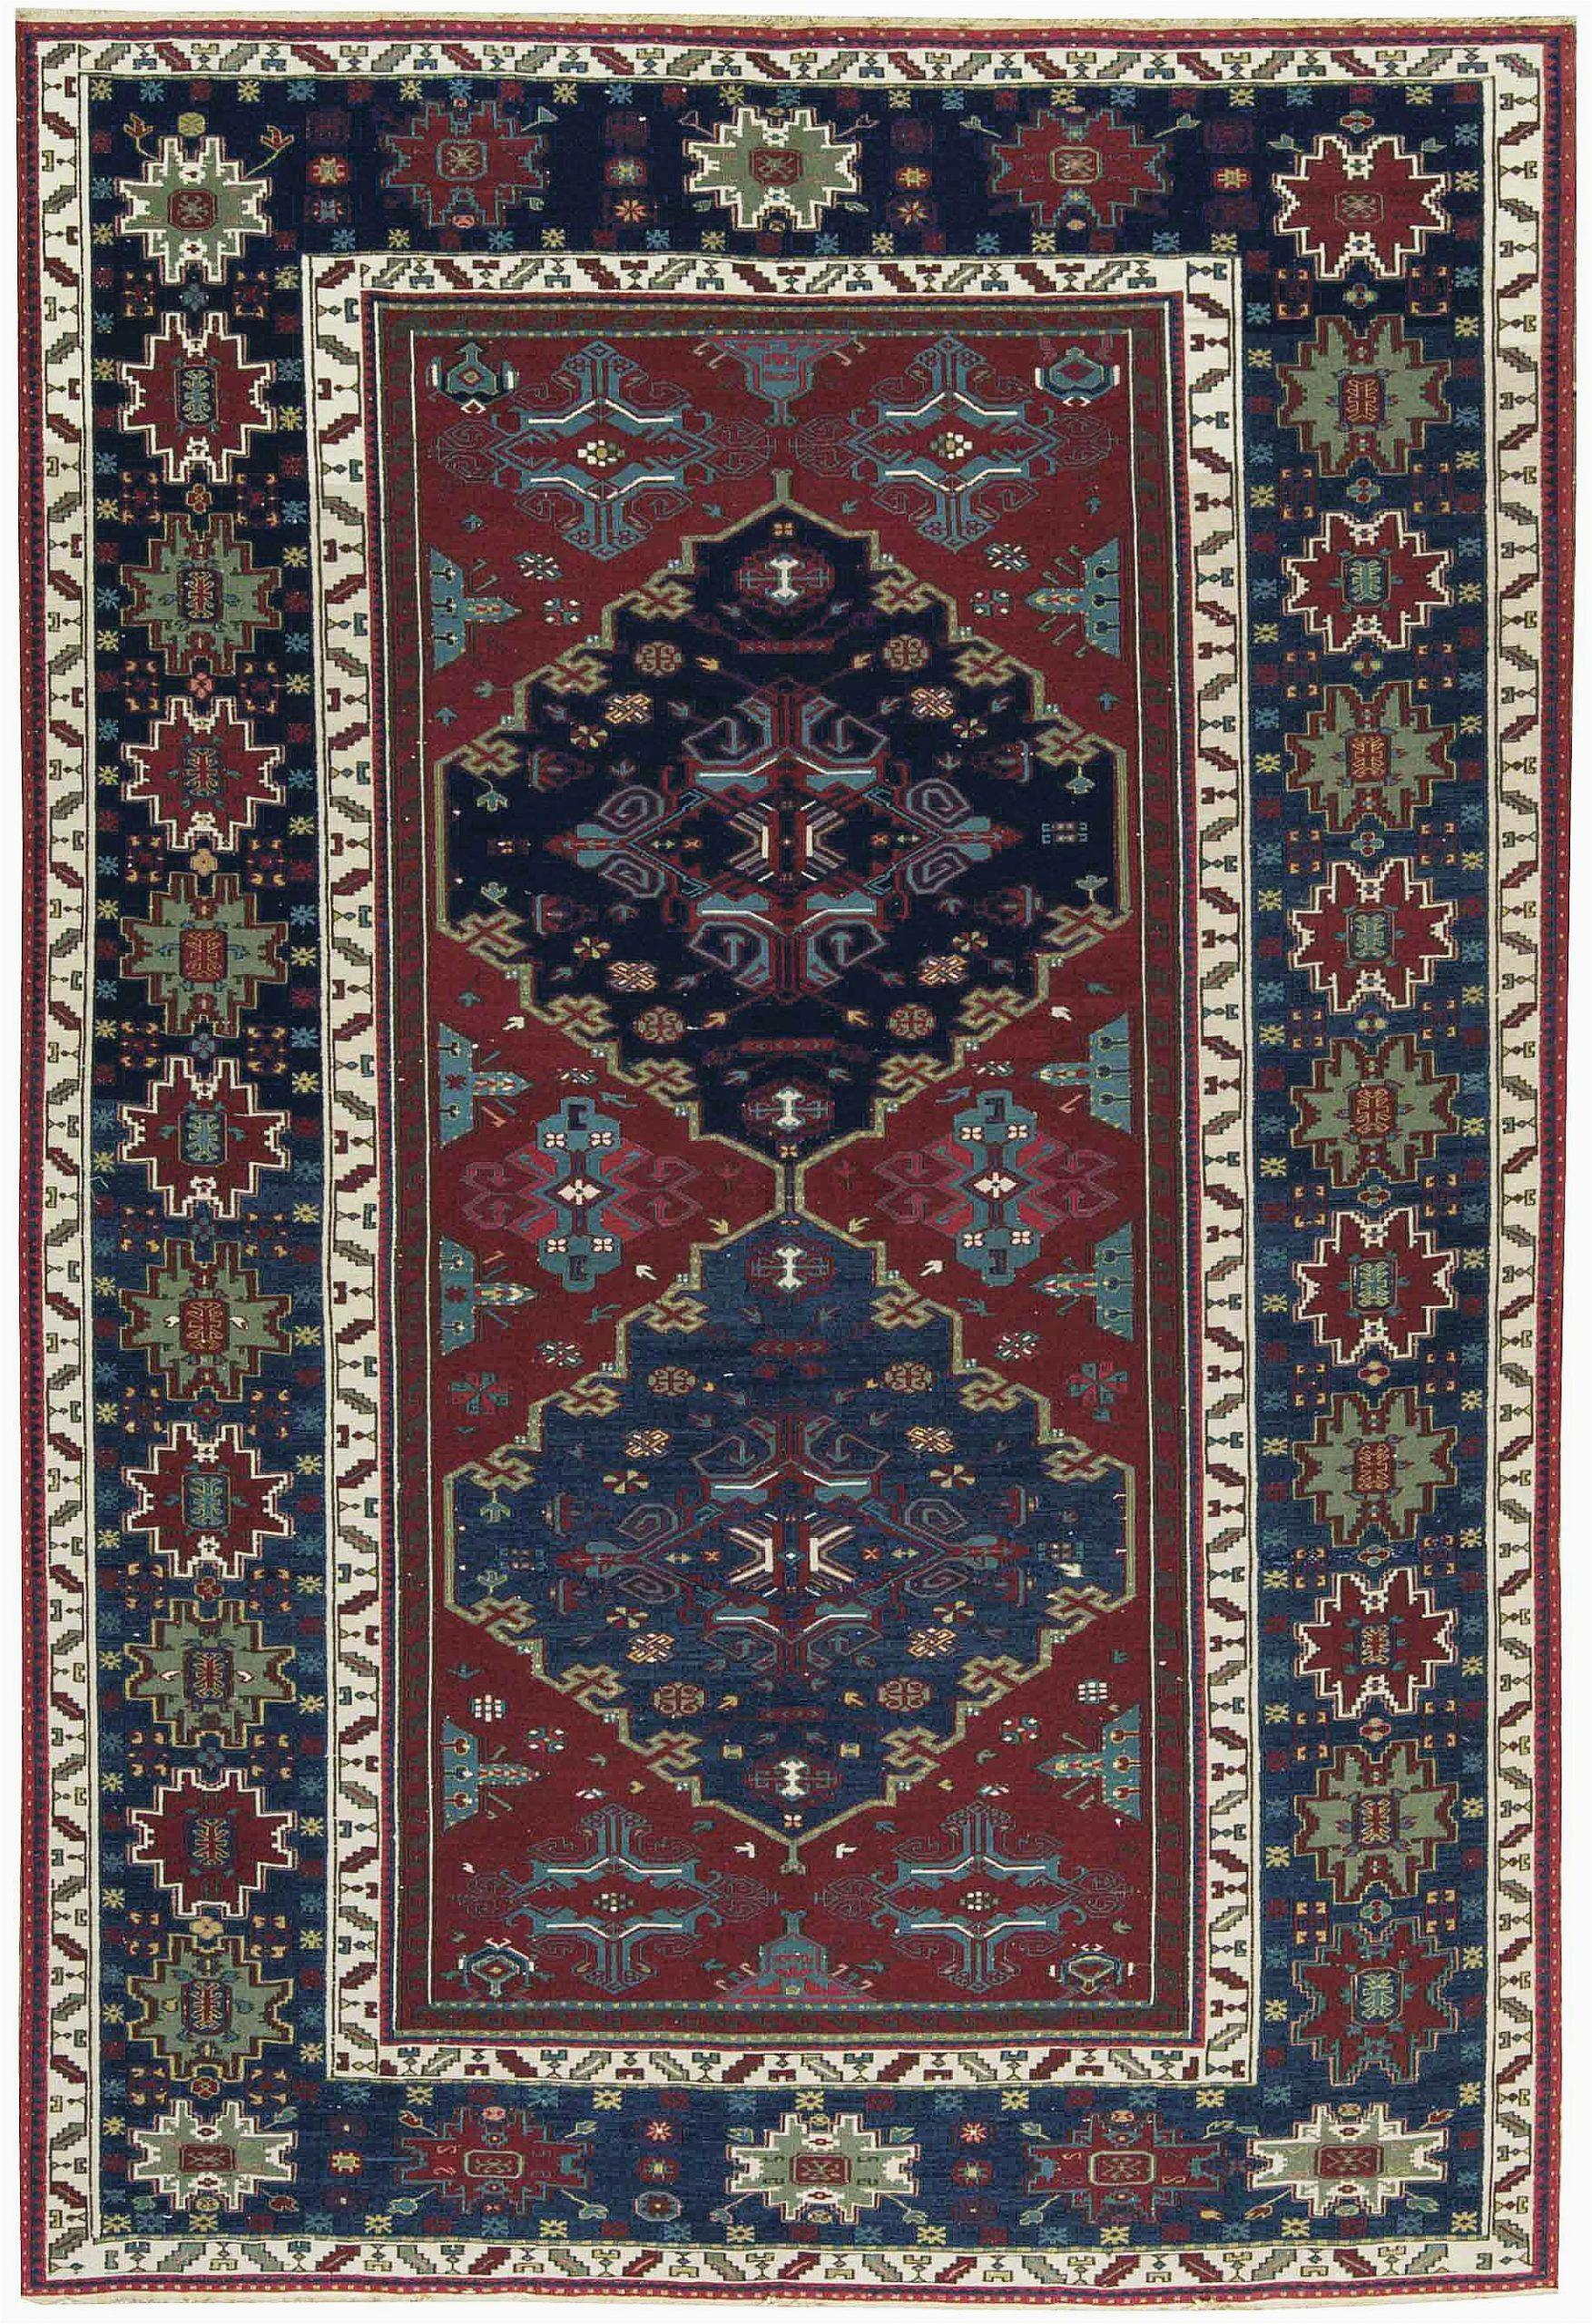 bokara rug co inc one of a kind sumack handwoven 6 x 9 wool navy bluerust area rug abhd2040